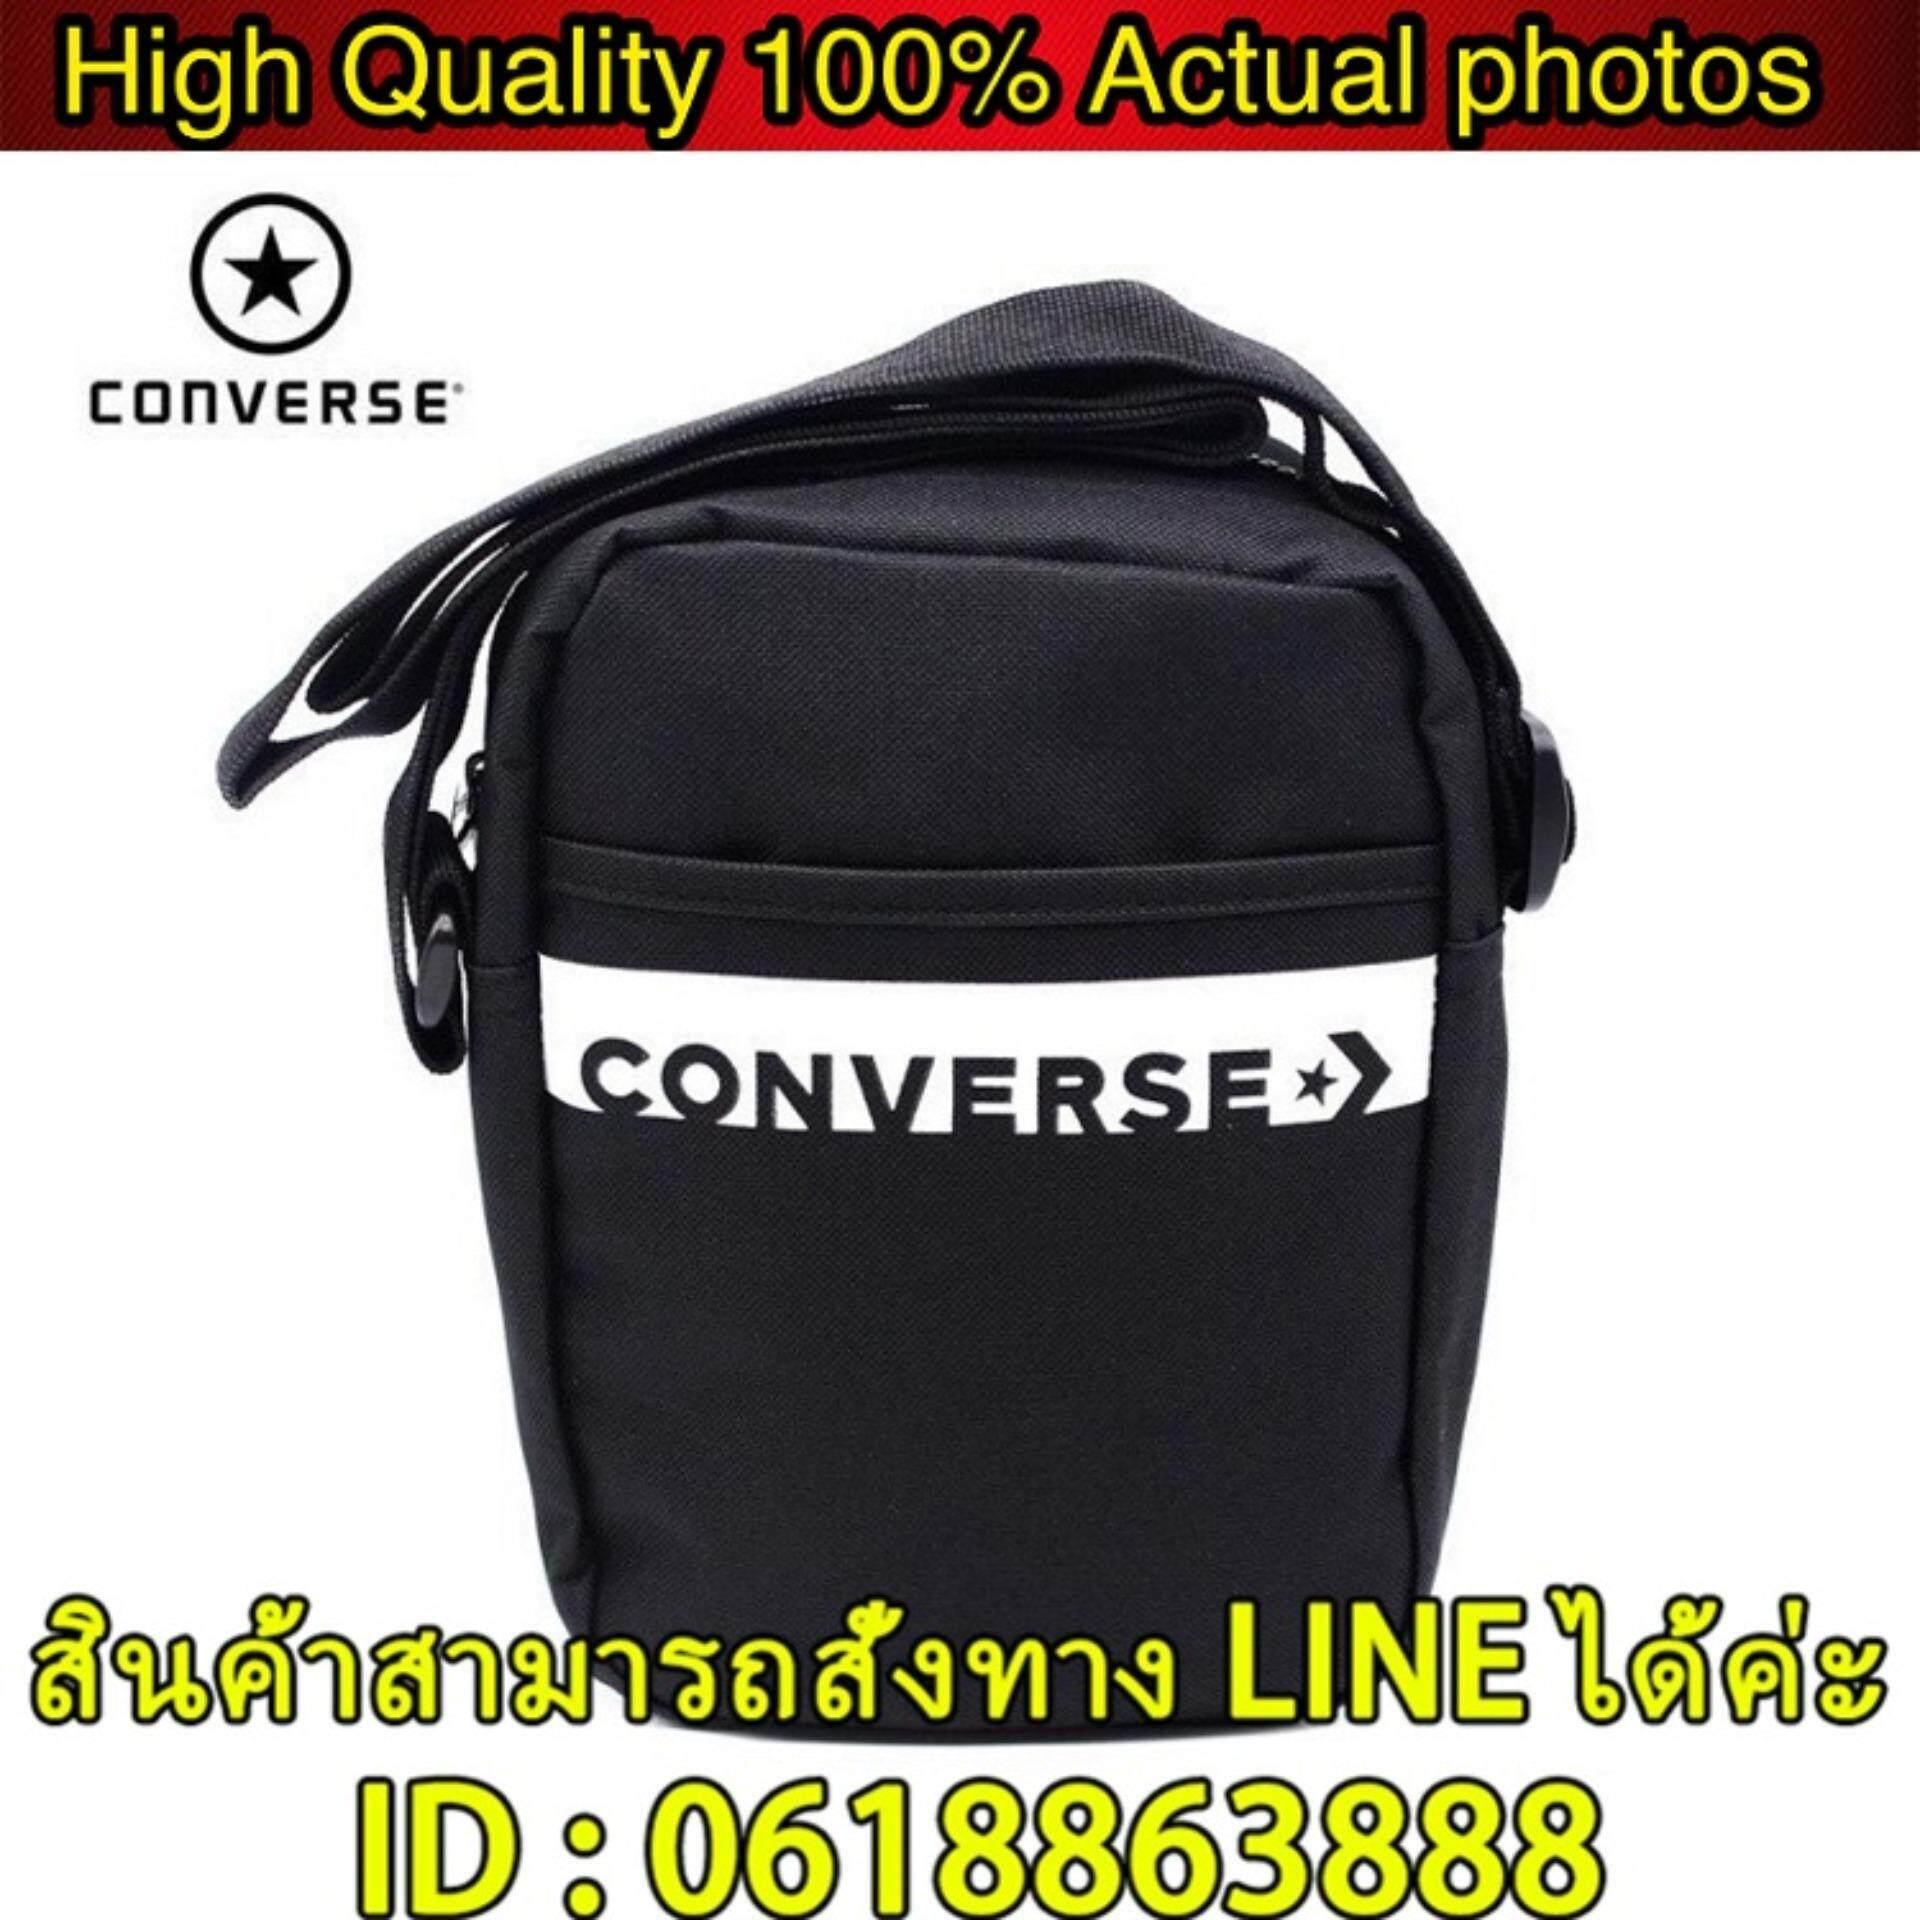 กระเป๋าเป้ นักเรียน ผู้หญิง วัยรุ่น สกลนคร  ลิขสิทธิ์แท้  Converse Revolution Mini Bag สีกรม  กระเป๋าสะพายข้าง